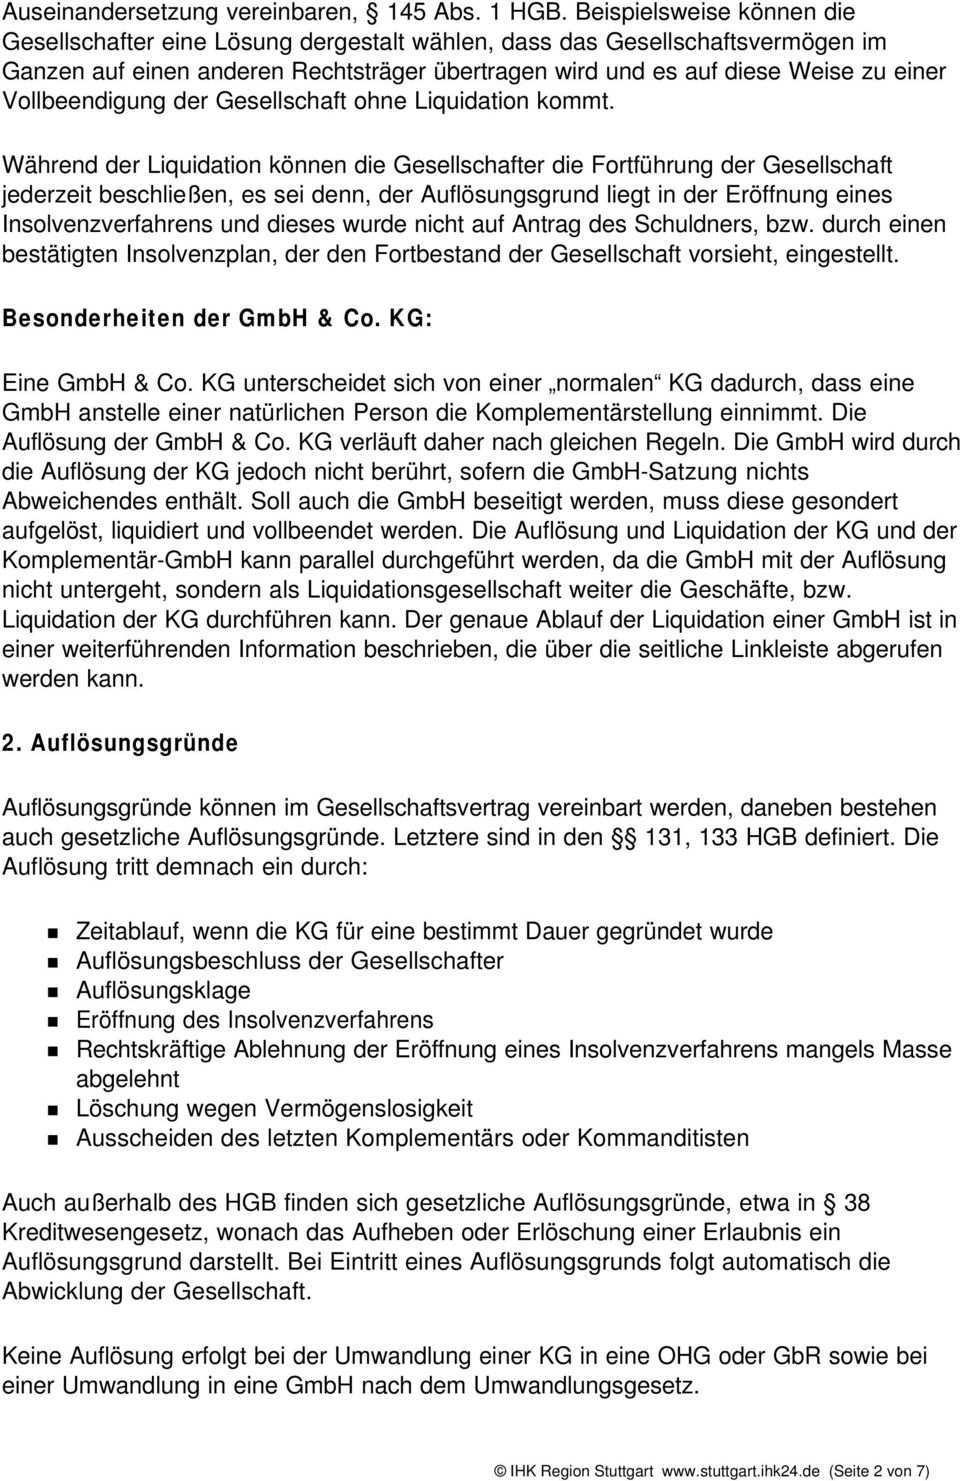 Auflosung Liquidation Und Beendigung Einer Kg Pdf Free Download